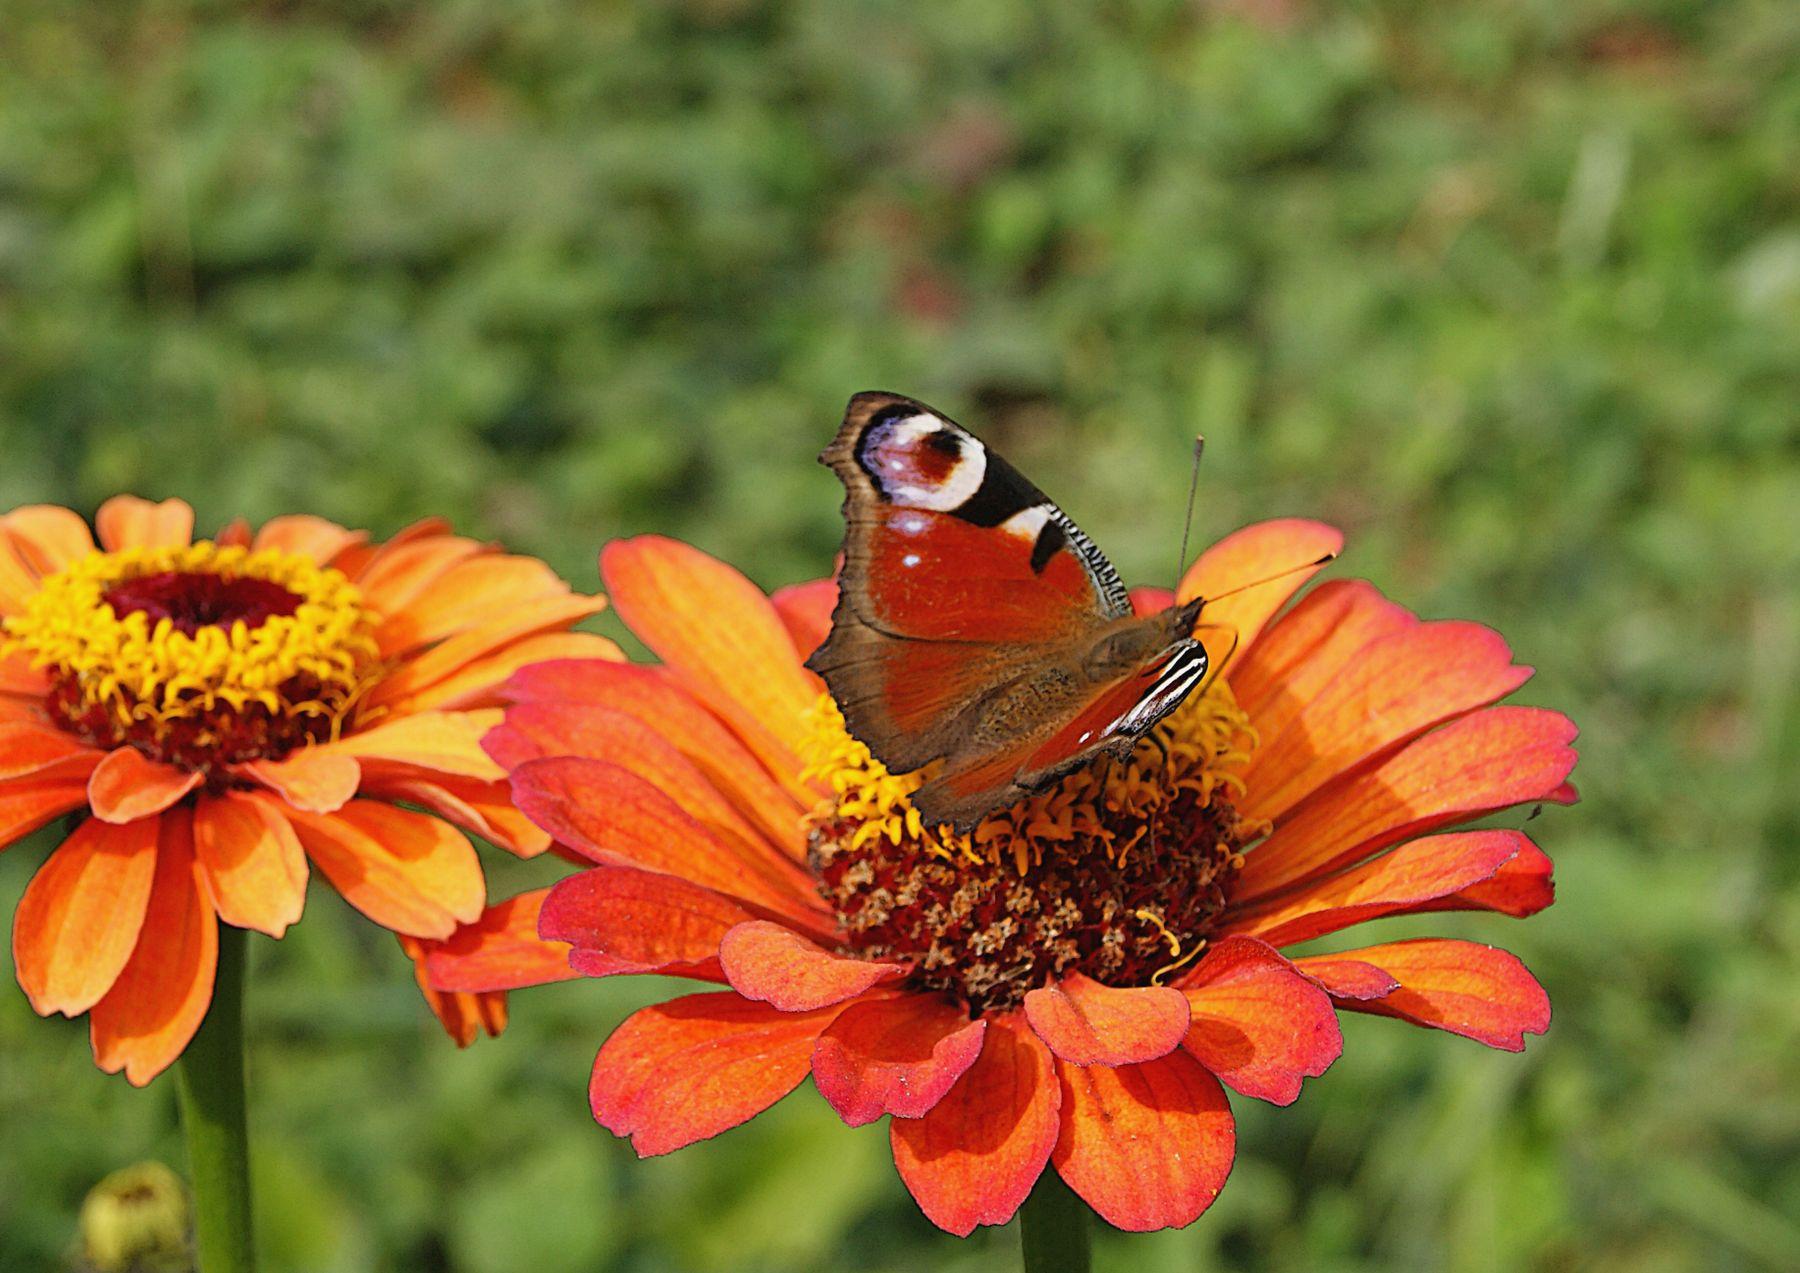 Циния с павлиньим глазом цветок бабочка циния павлиний глаз